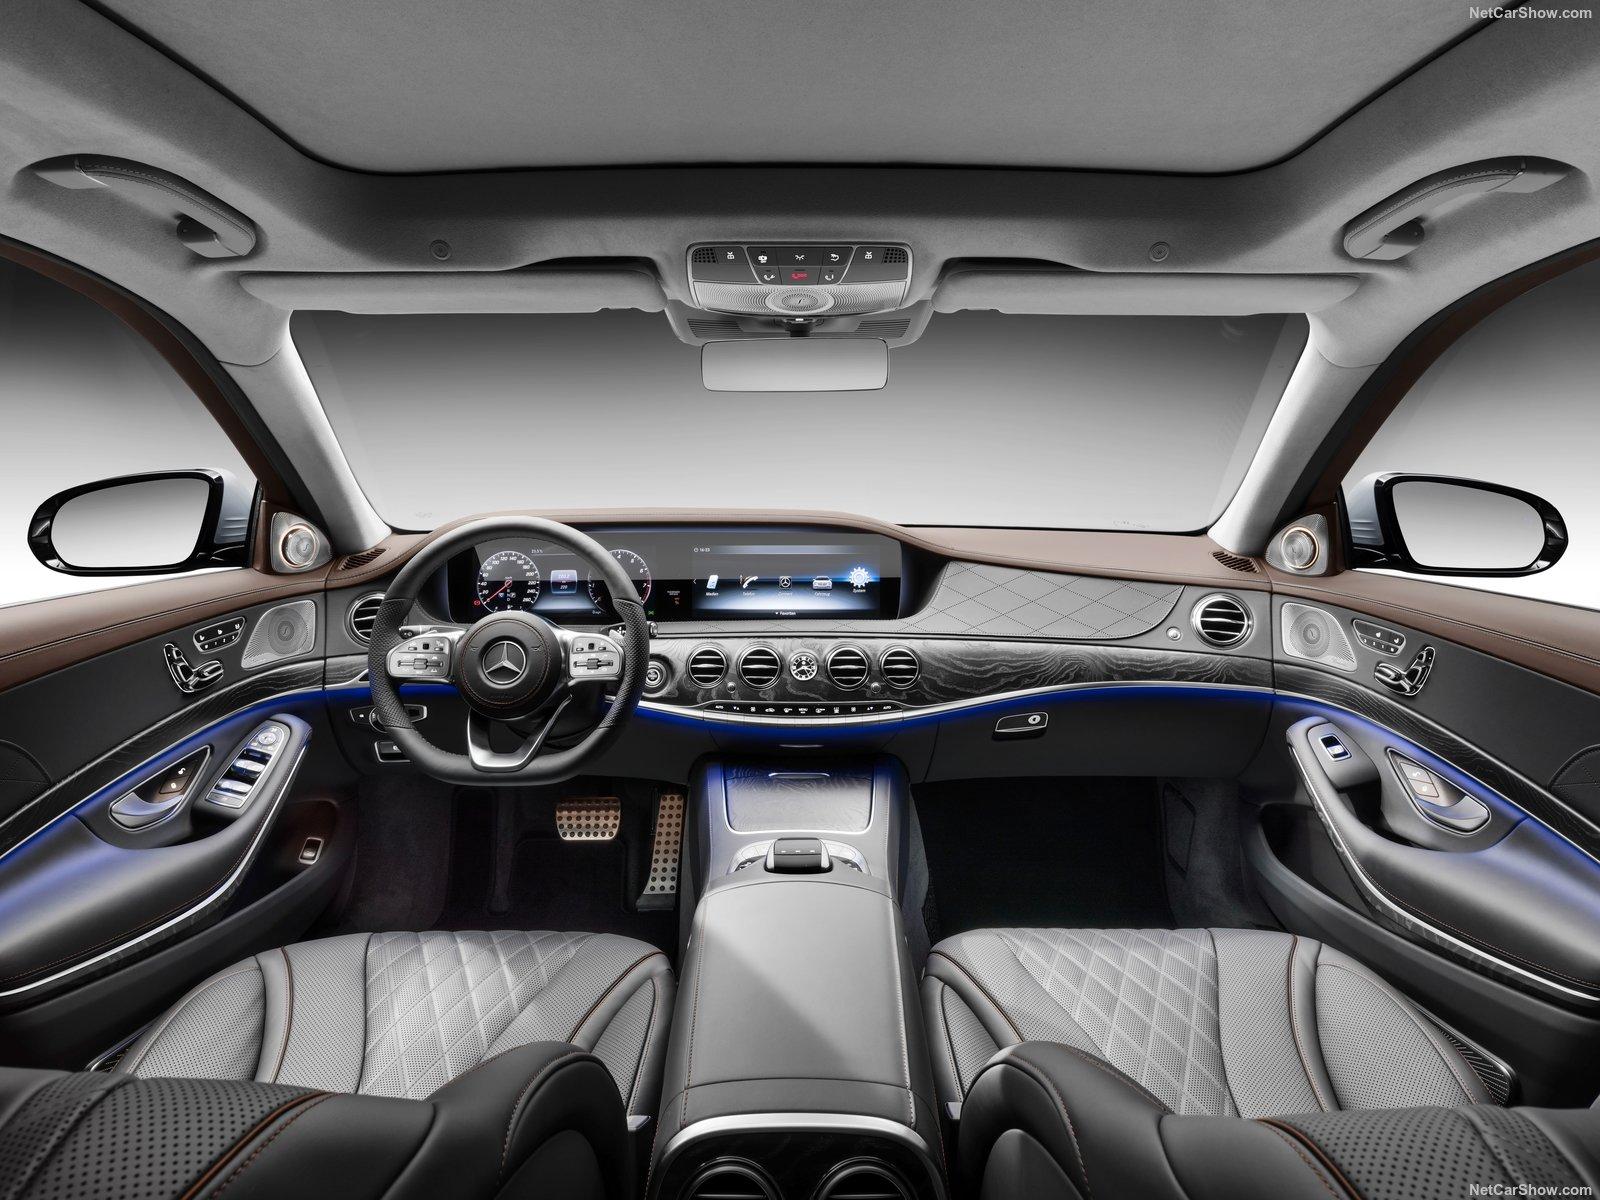 Mercedes-Benz-S-Class-2018-1600-0d.jpg